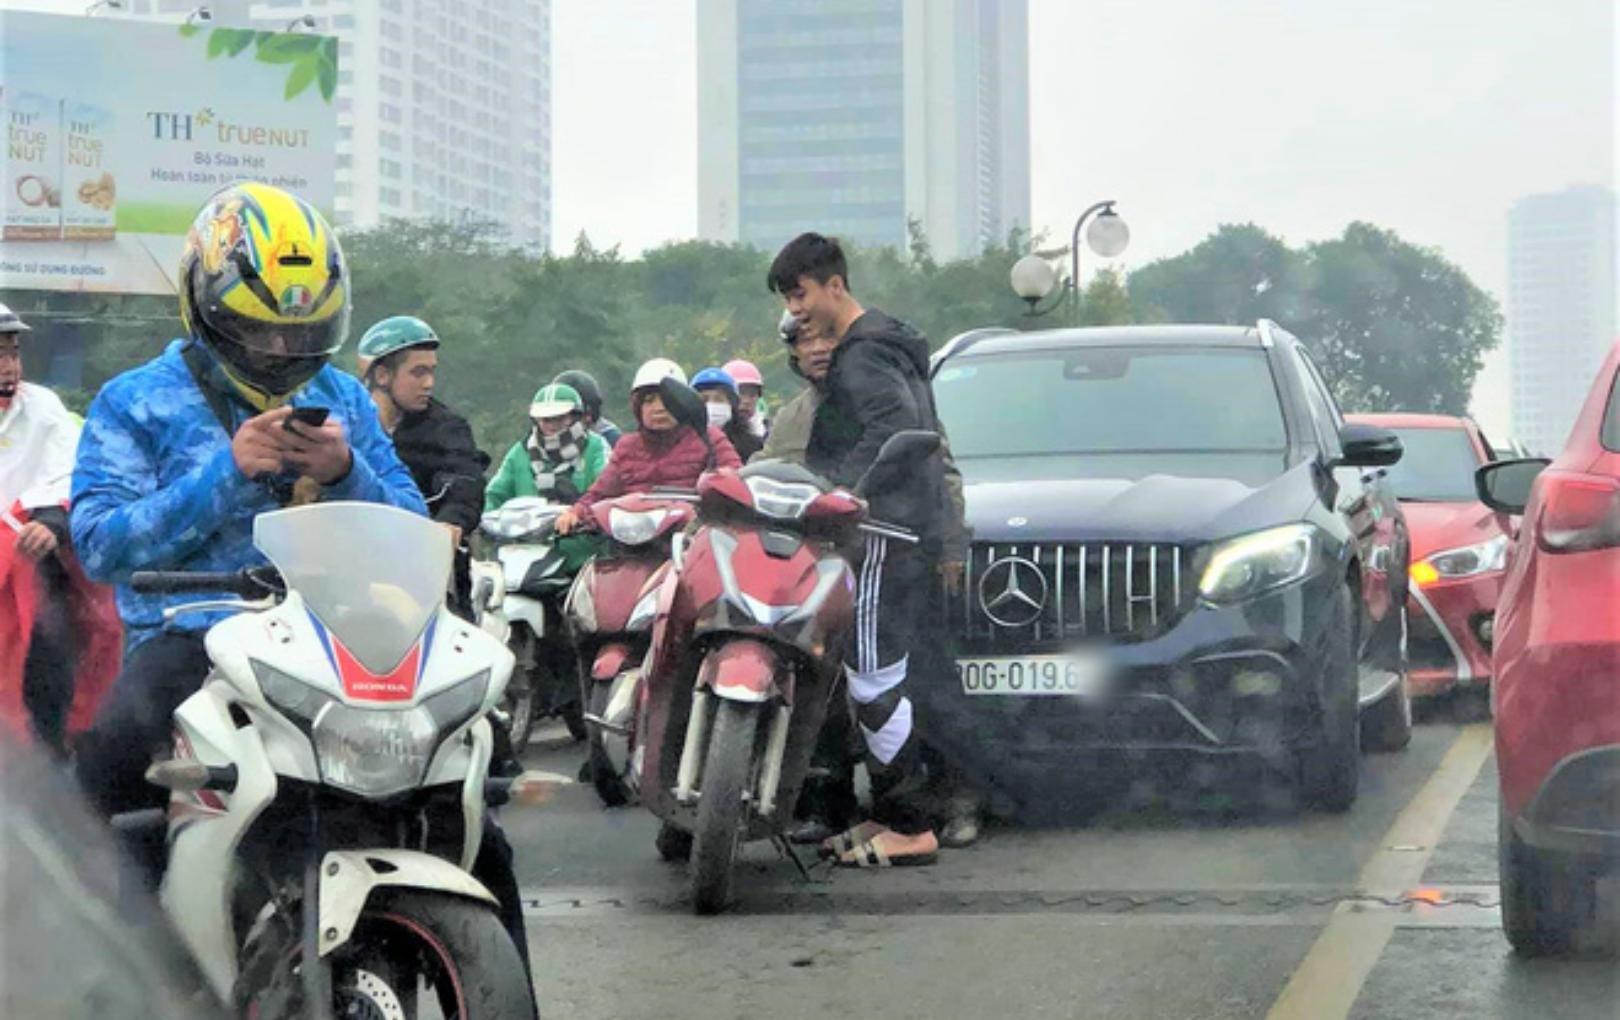 Xế hộp tiền tỷ của Duy Mạnh - Quỳnh Anh xảy ra va chạm với xe máy tại Hà Nội